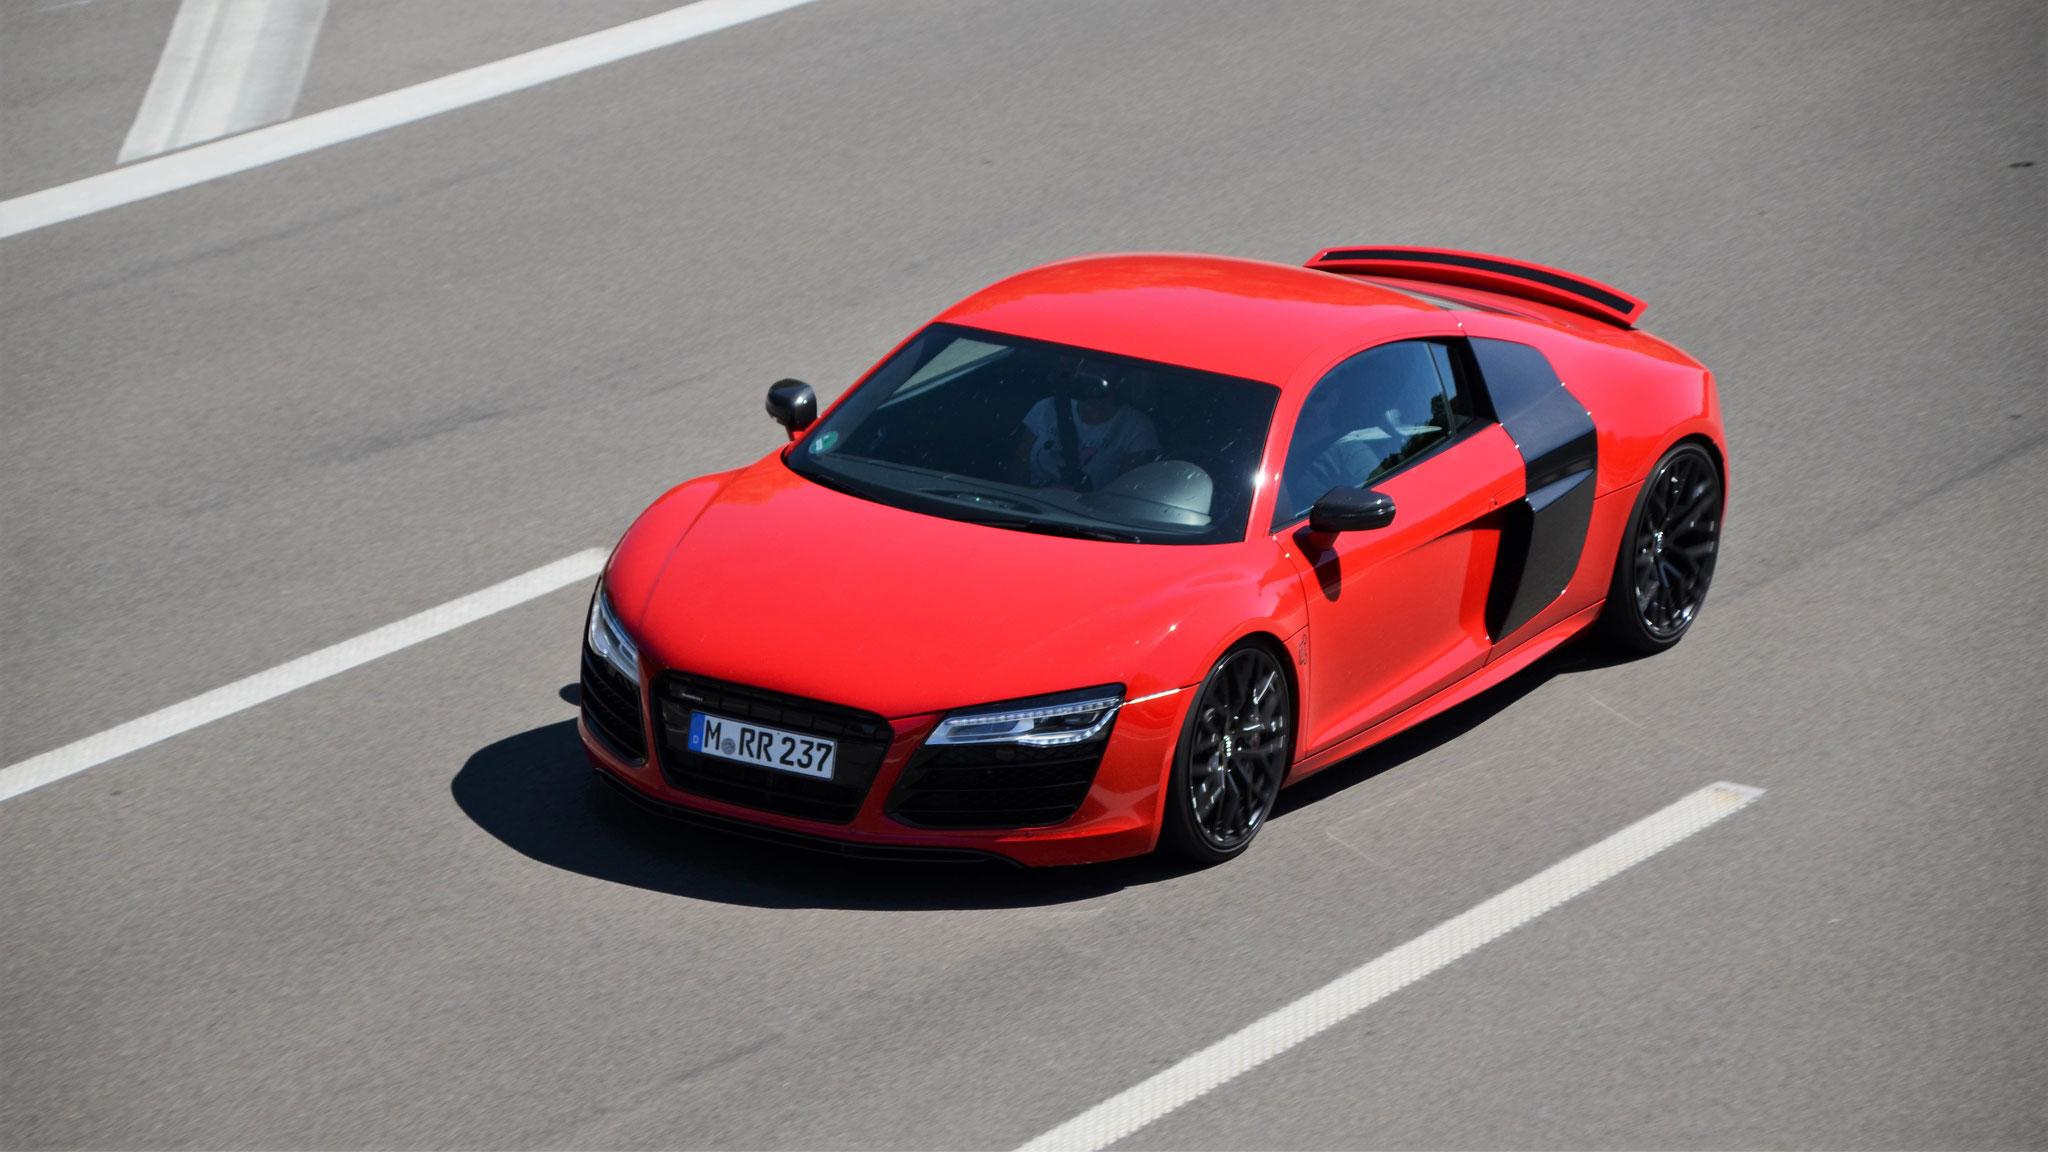 Audi R8 - M-RR-237